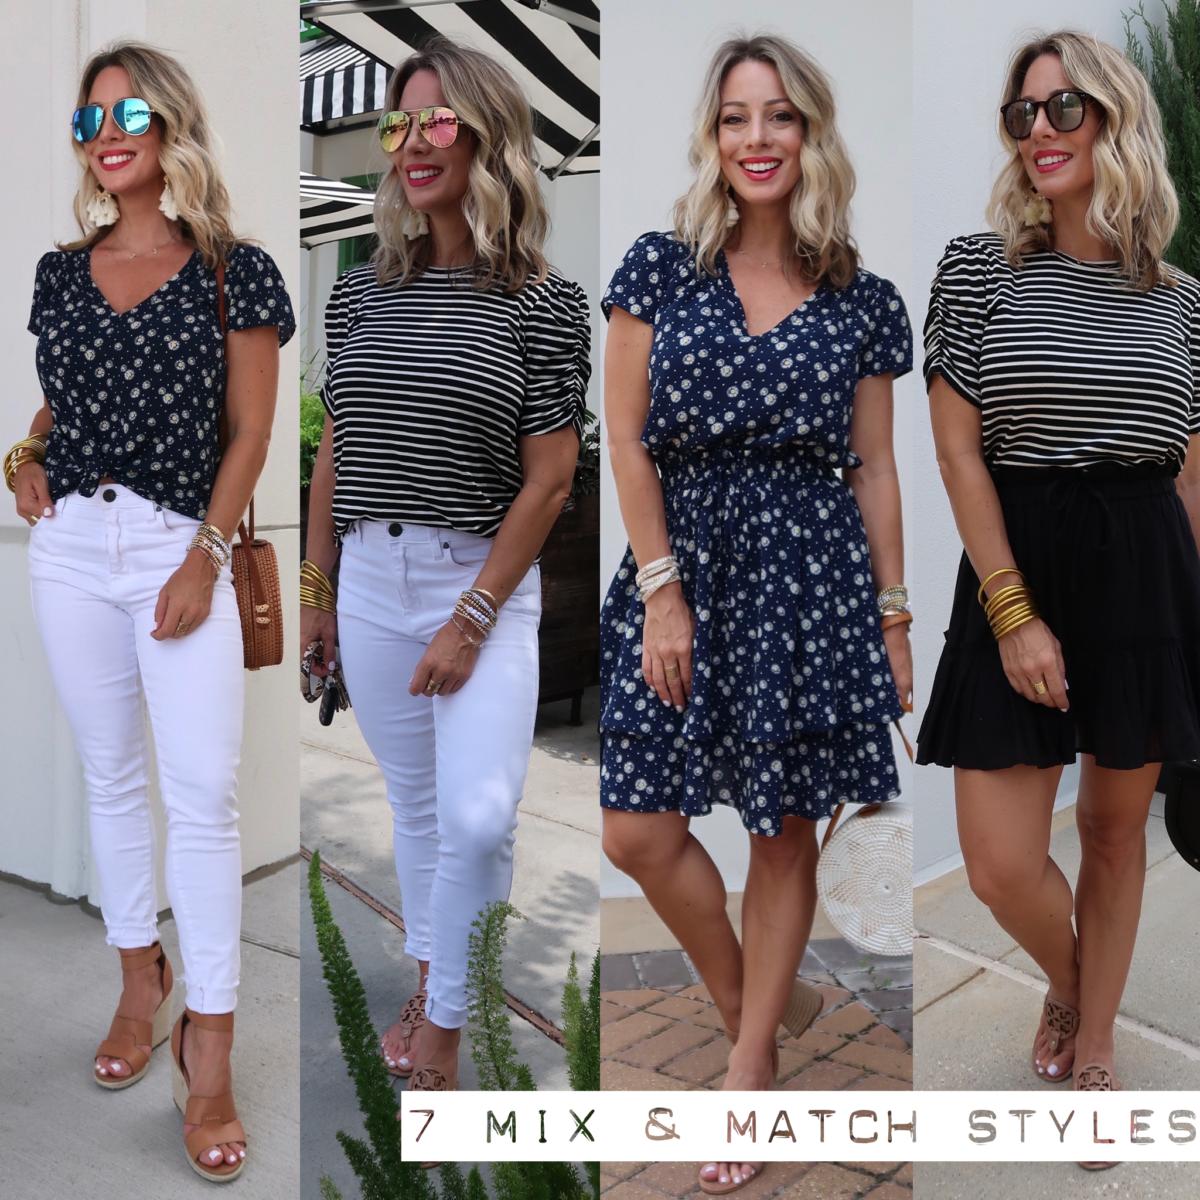 7 Mix & Match Styles